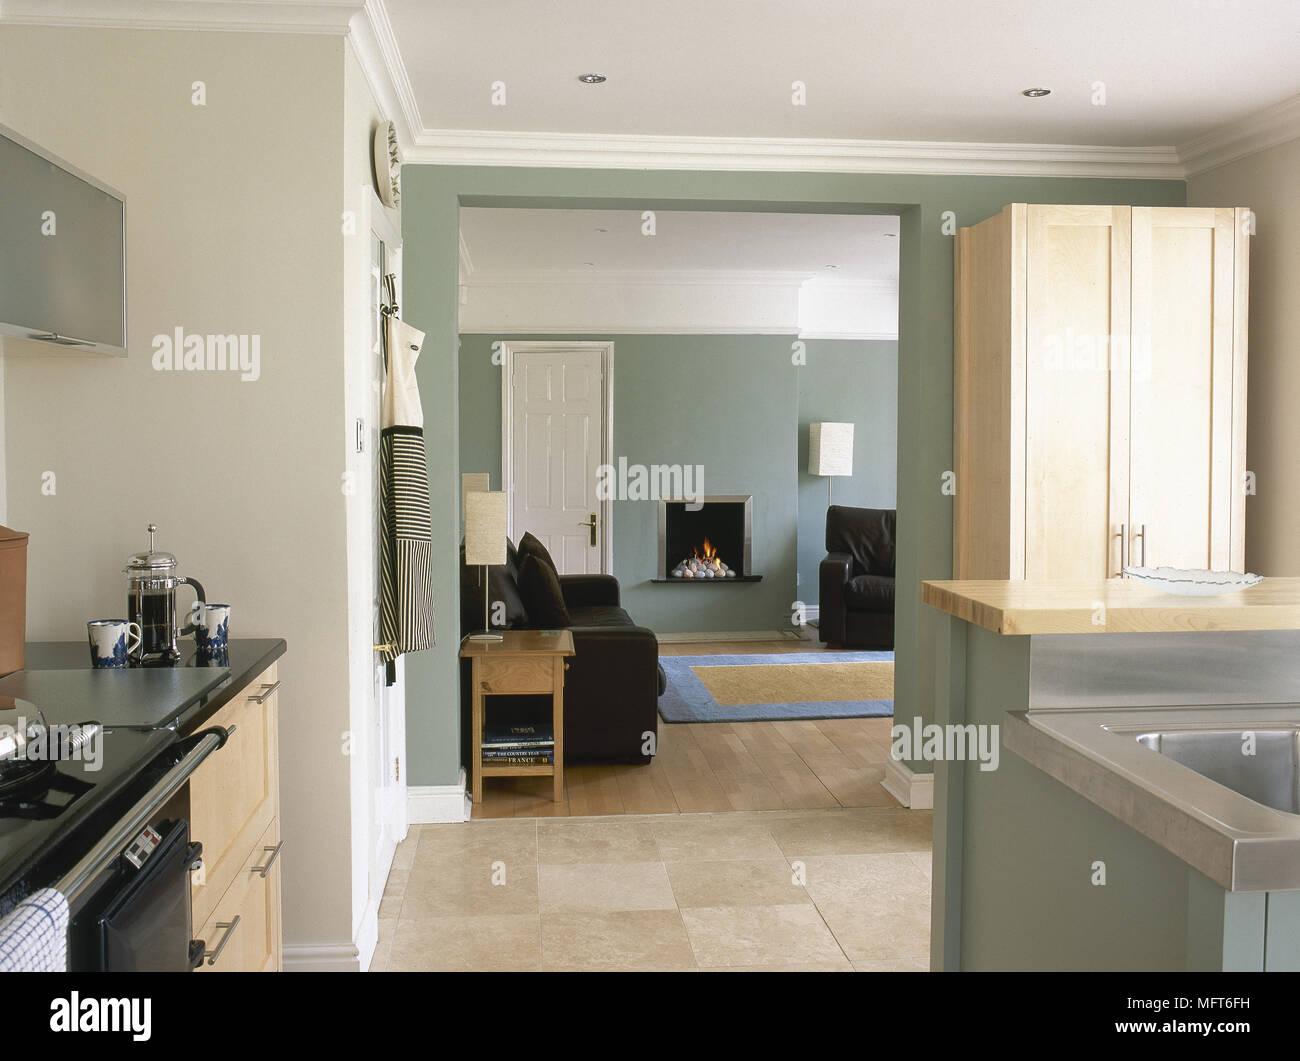 Cucina moderna con pavimento in piastrelle e armadi in legno e una